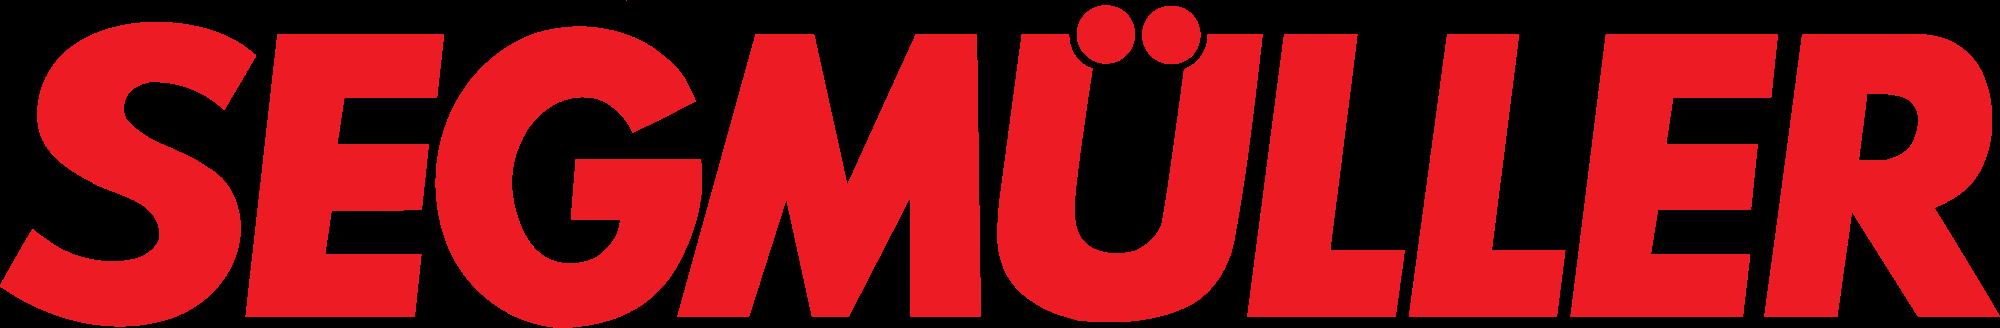 segmueller-logo